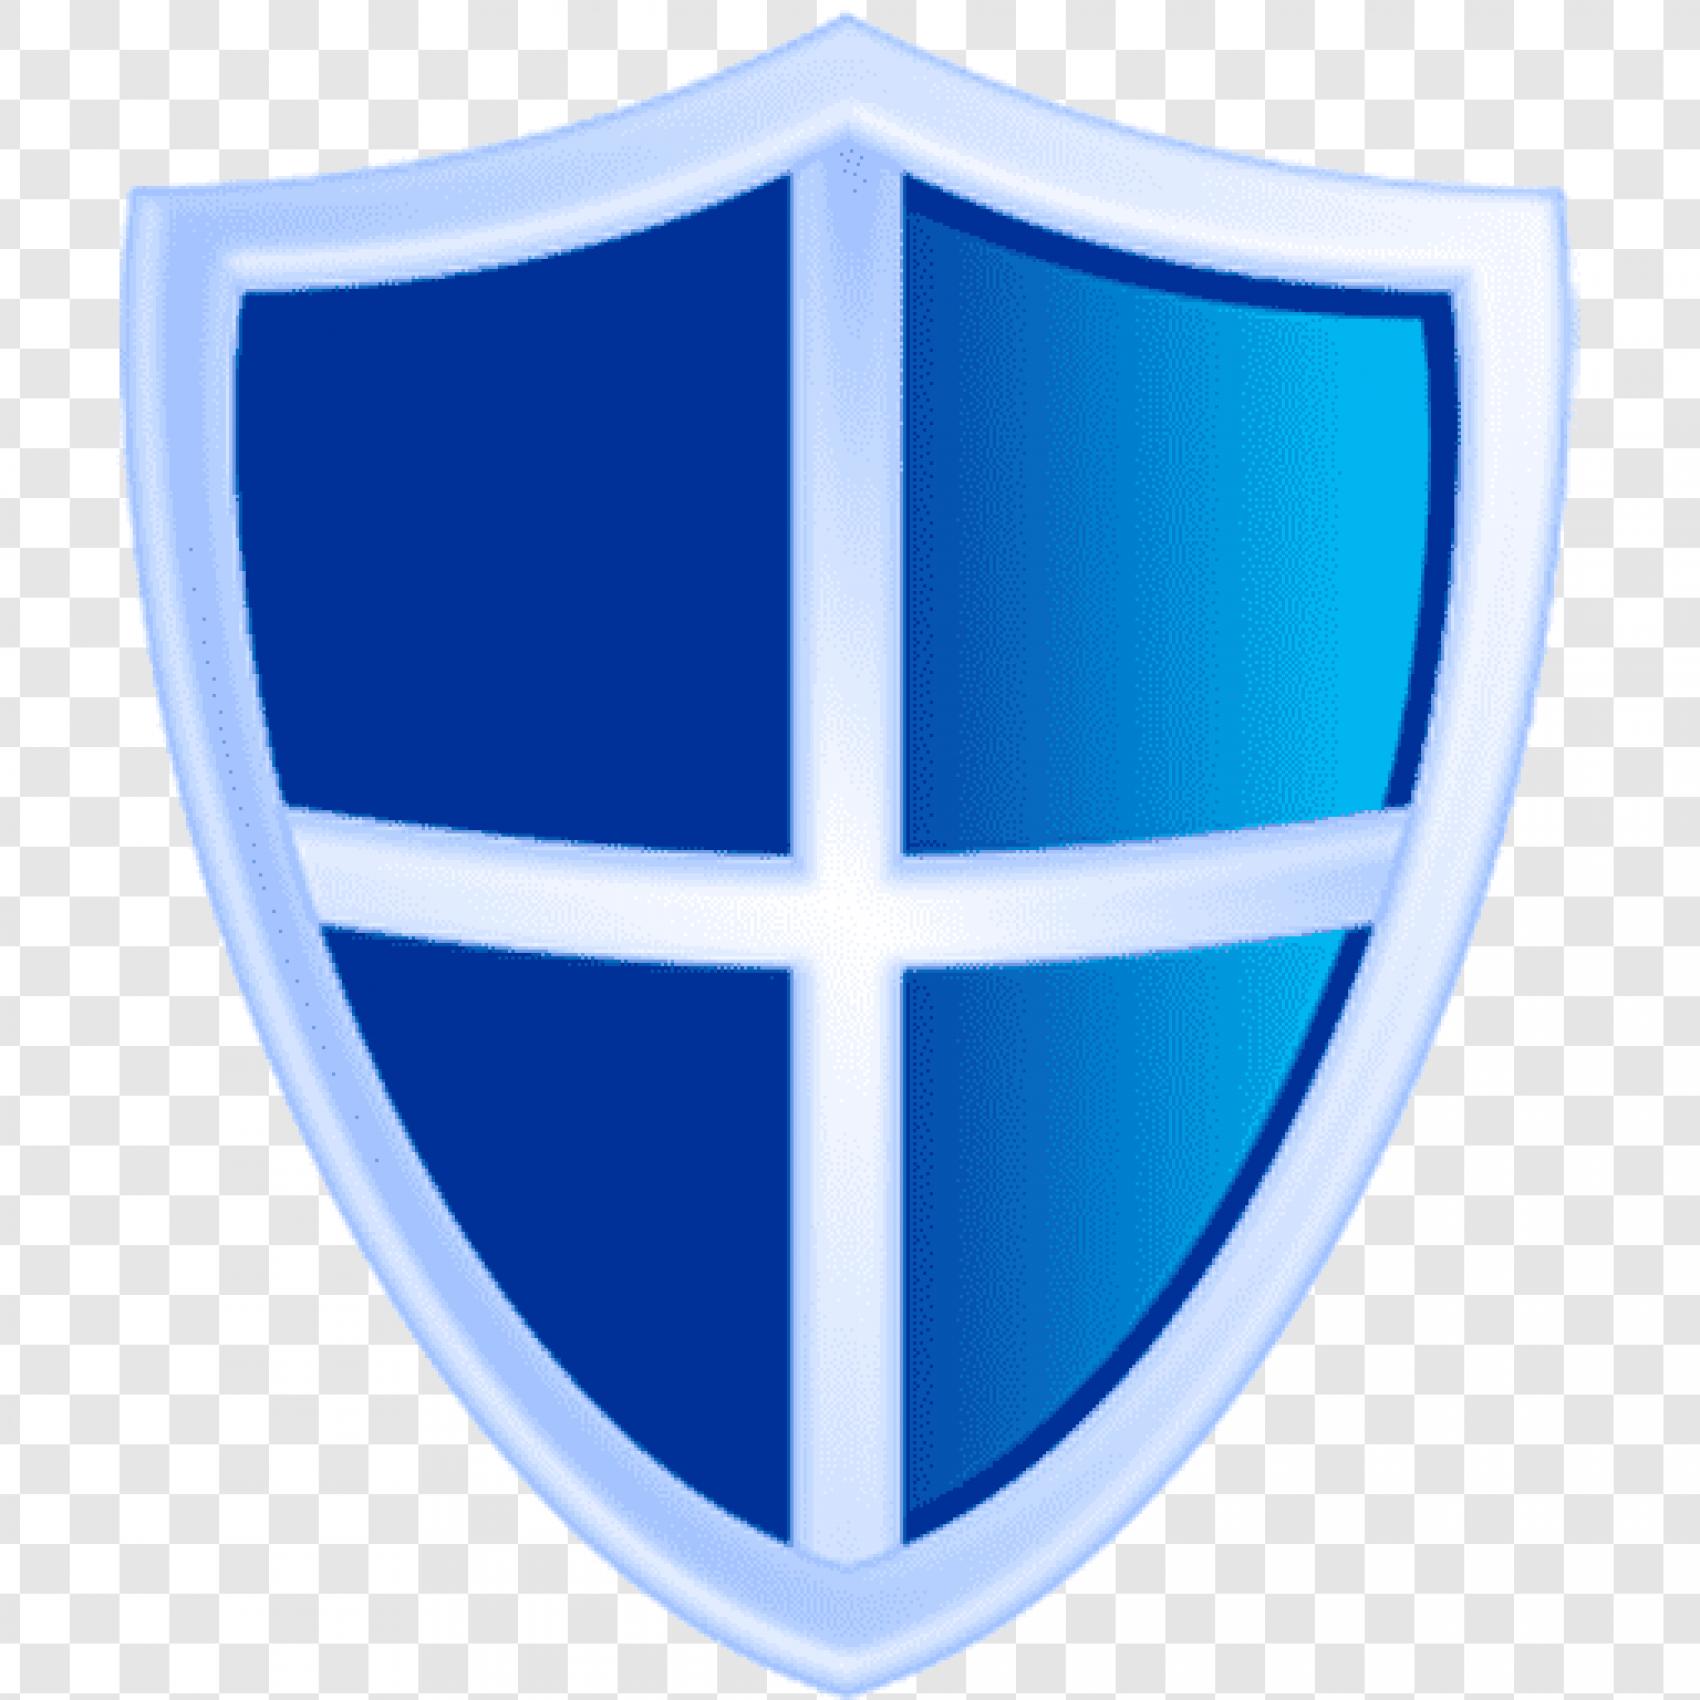 icono-proteccion